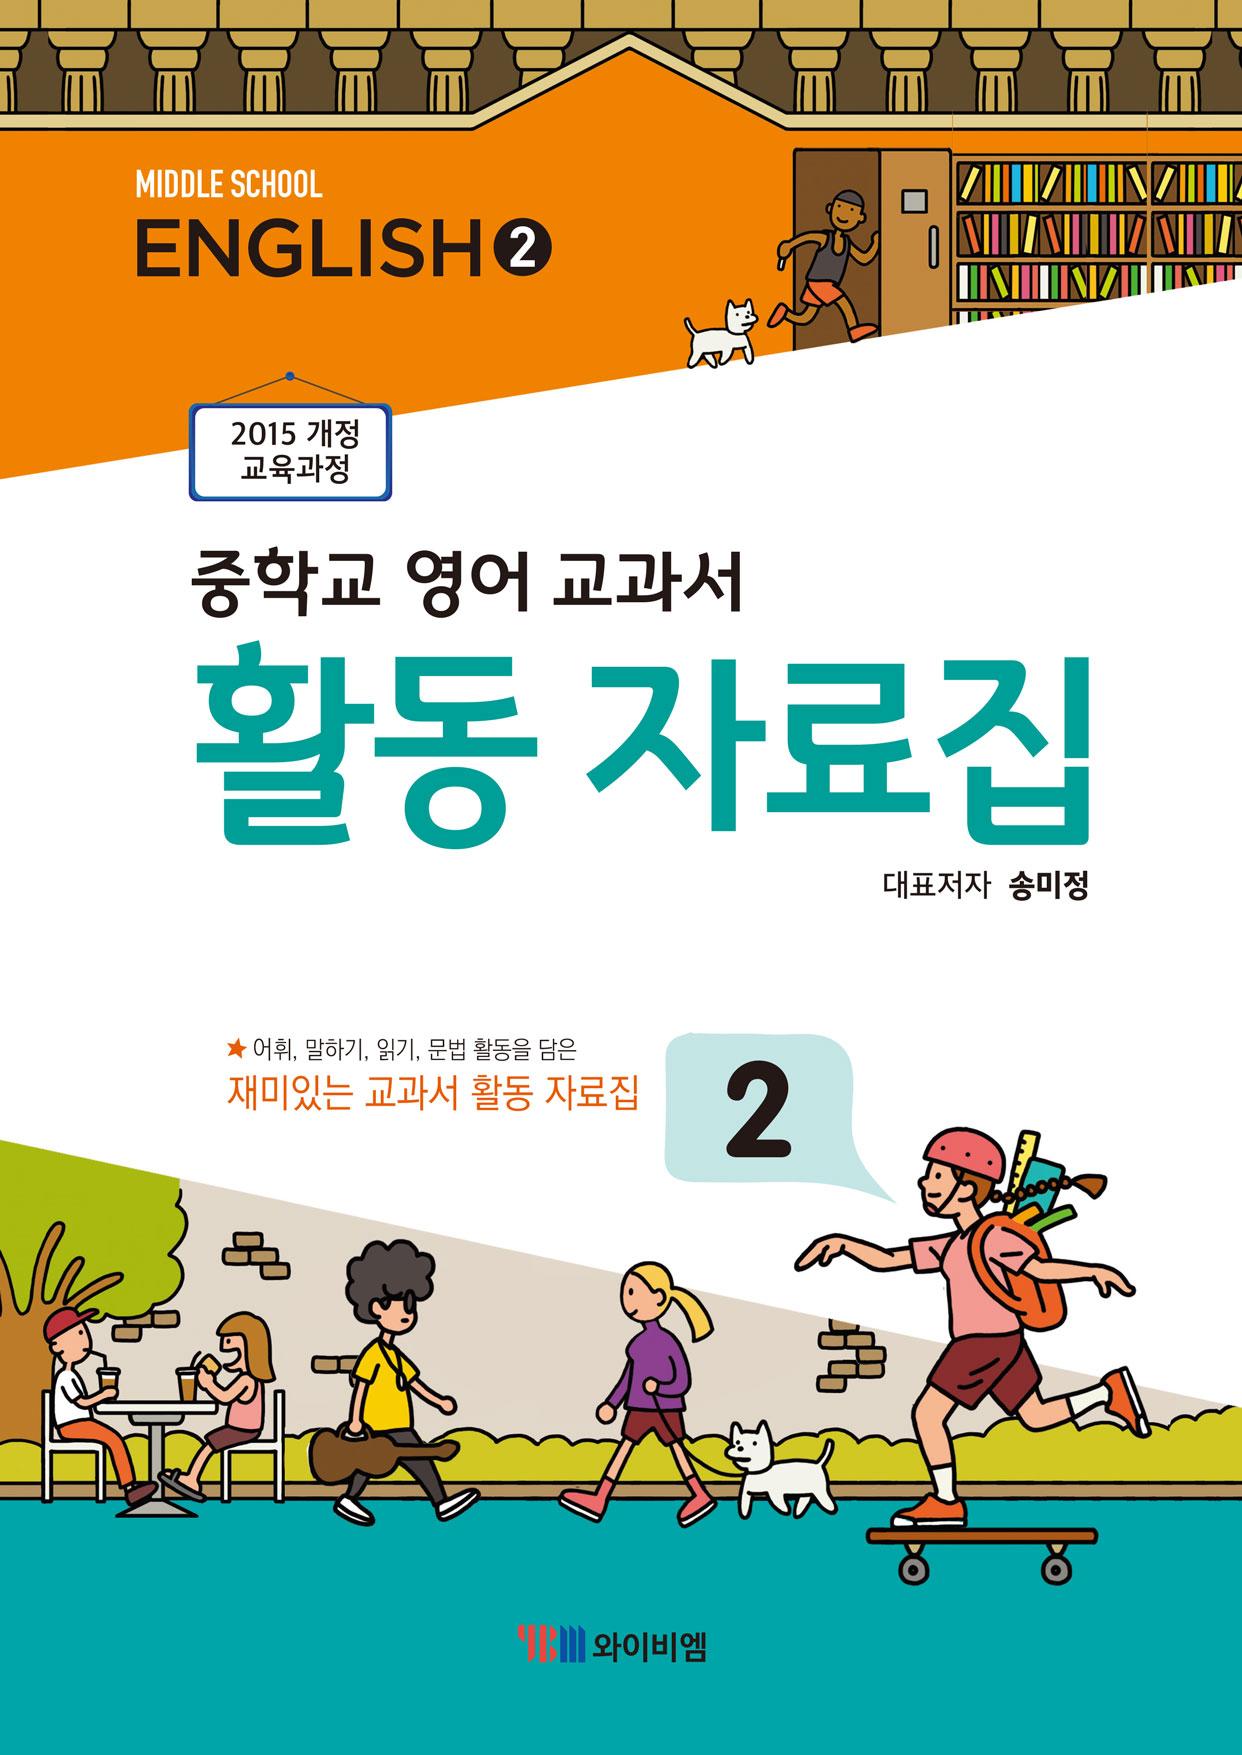 중학교 영어 2학년 (송미정) 교과서 활동 자료집